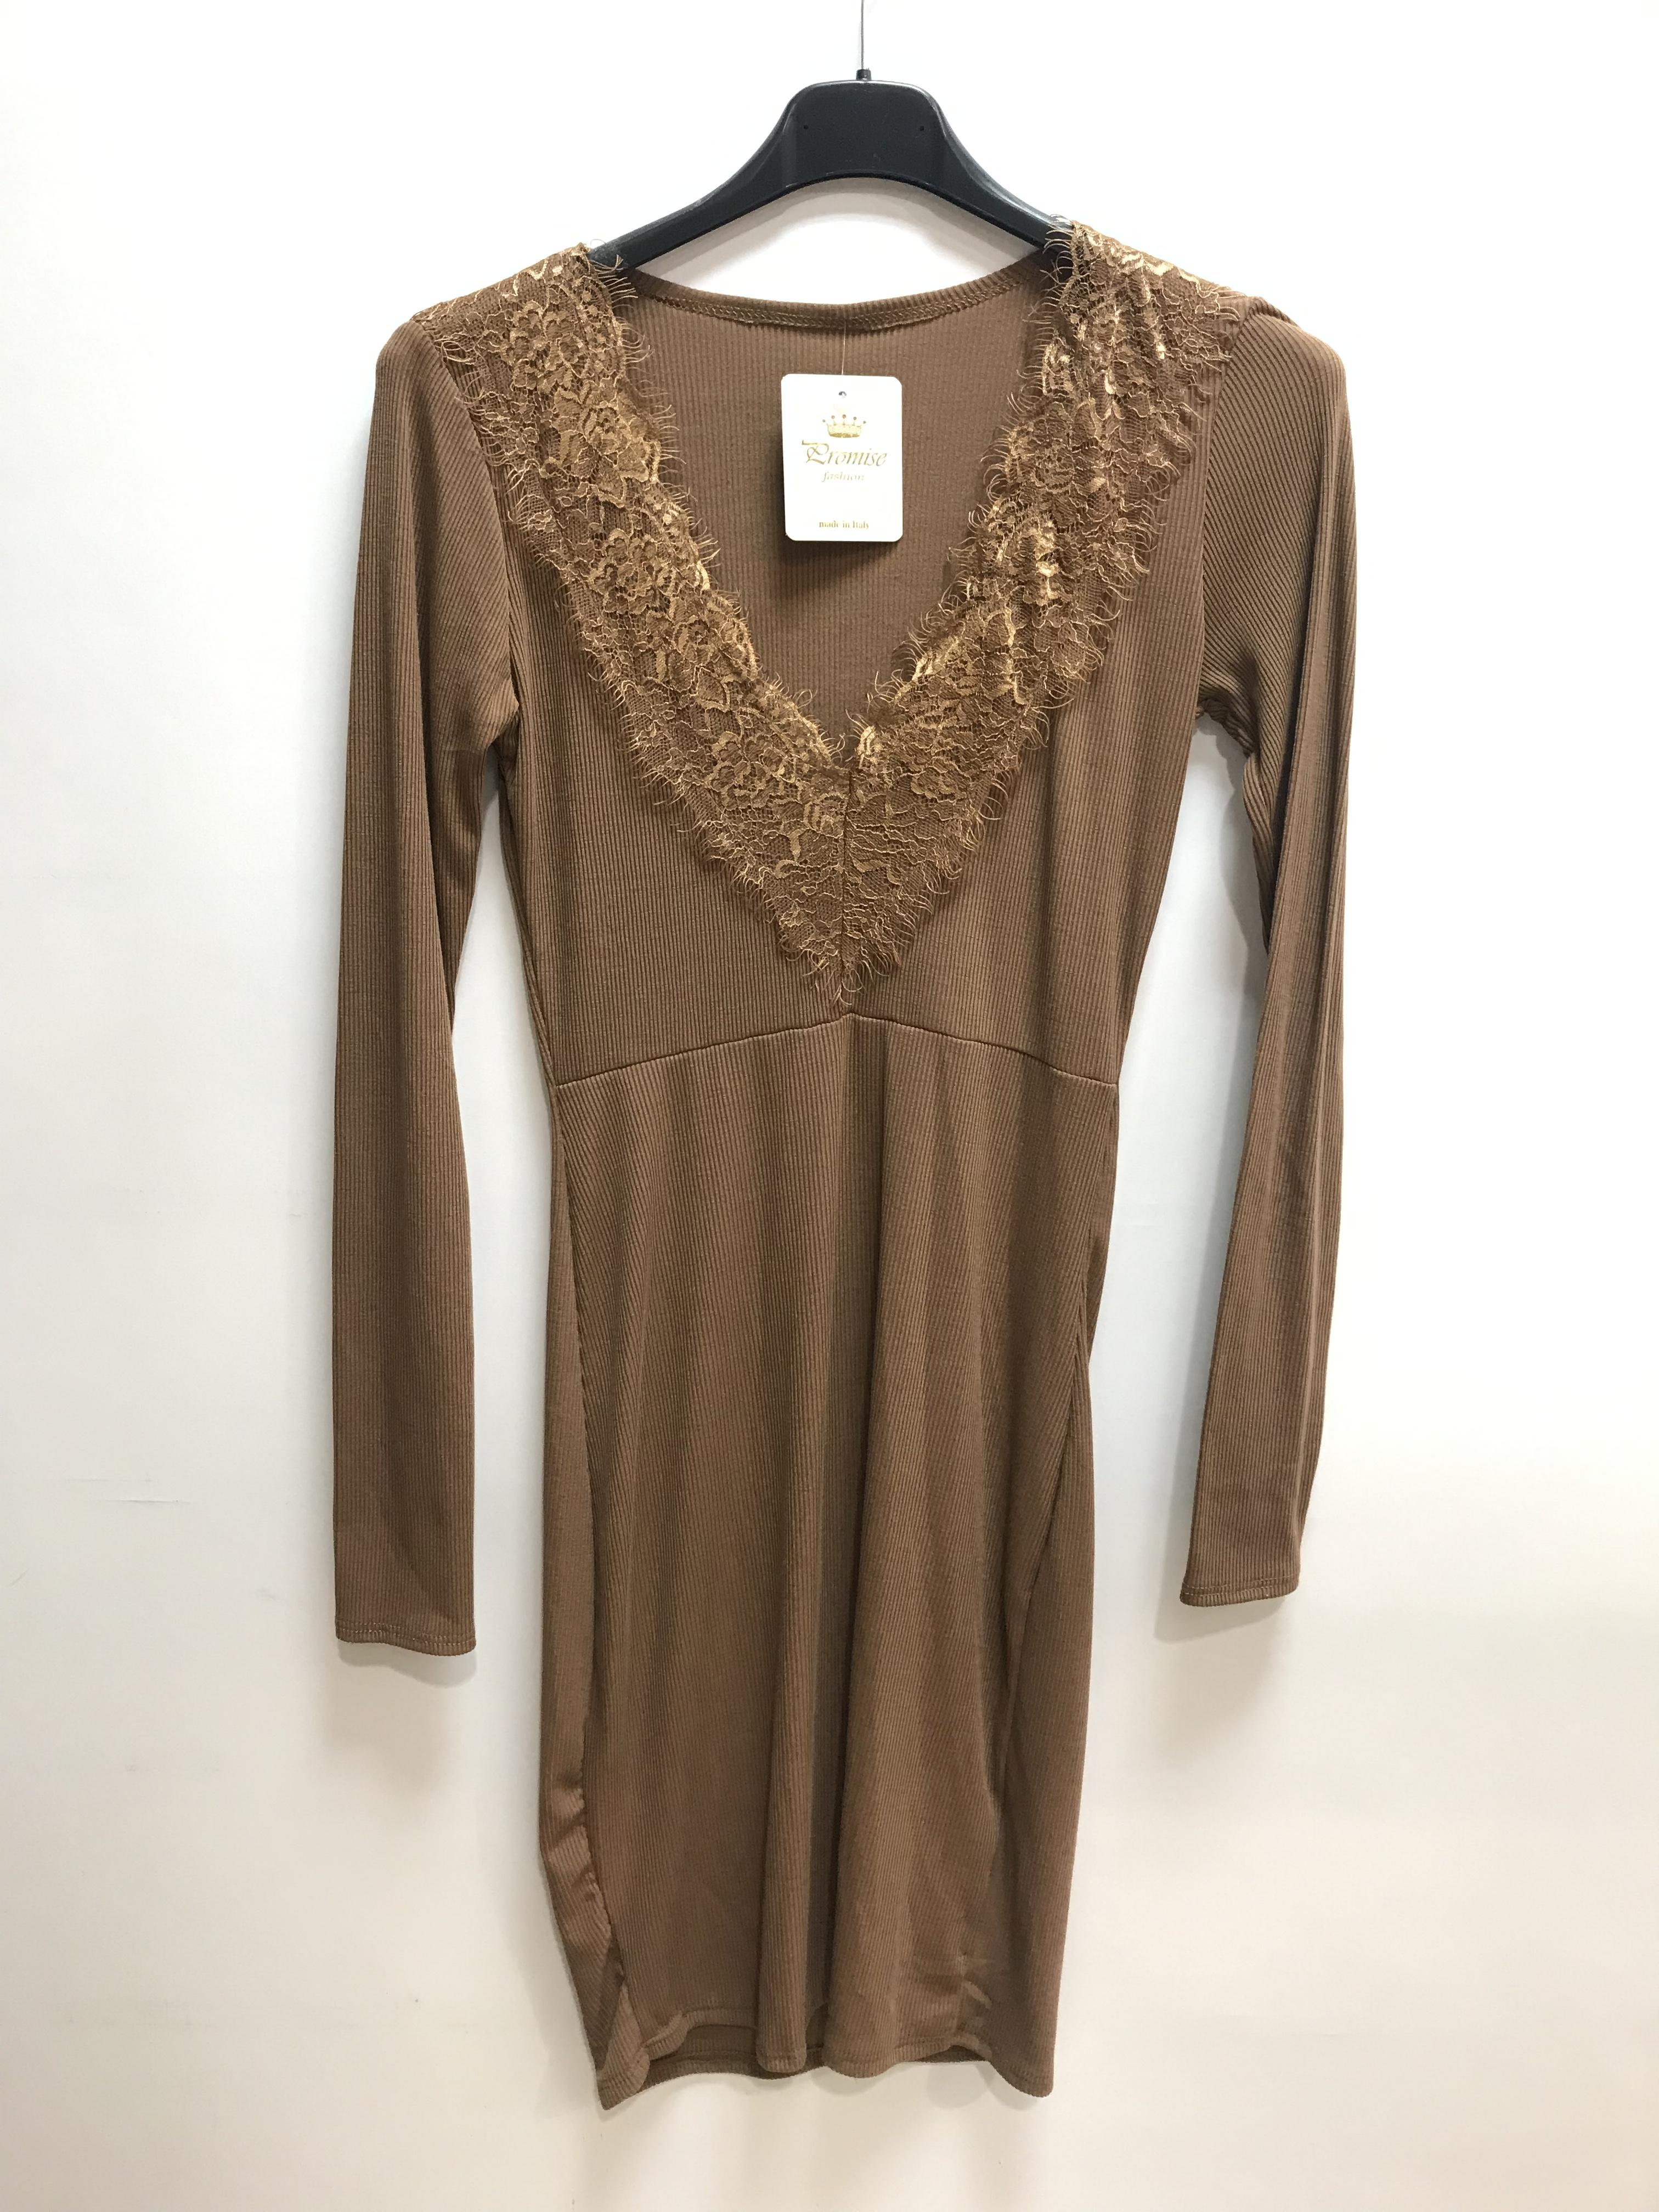 Robes courtes Femme Camel PROMISE 90426 #c eFashion Paris